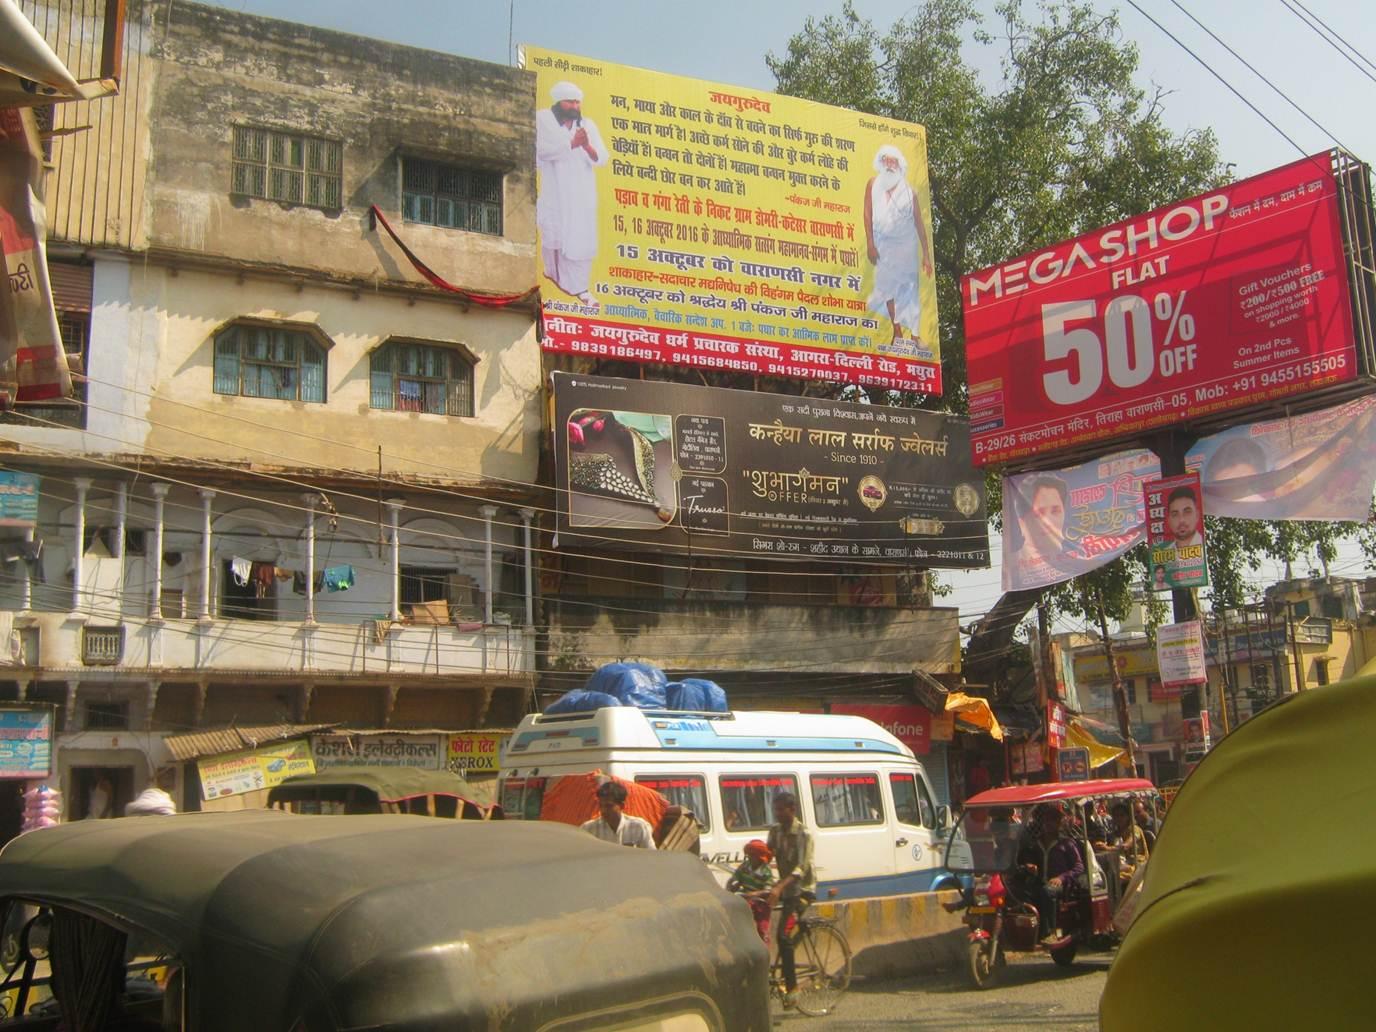 Girzaghar, Varanasi